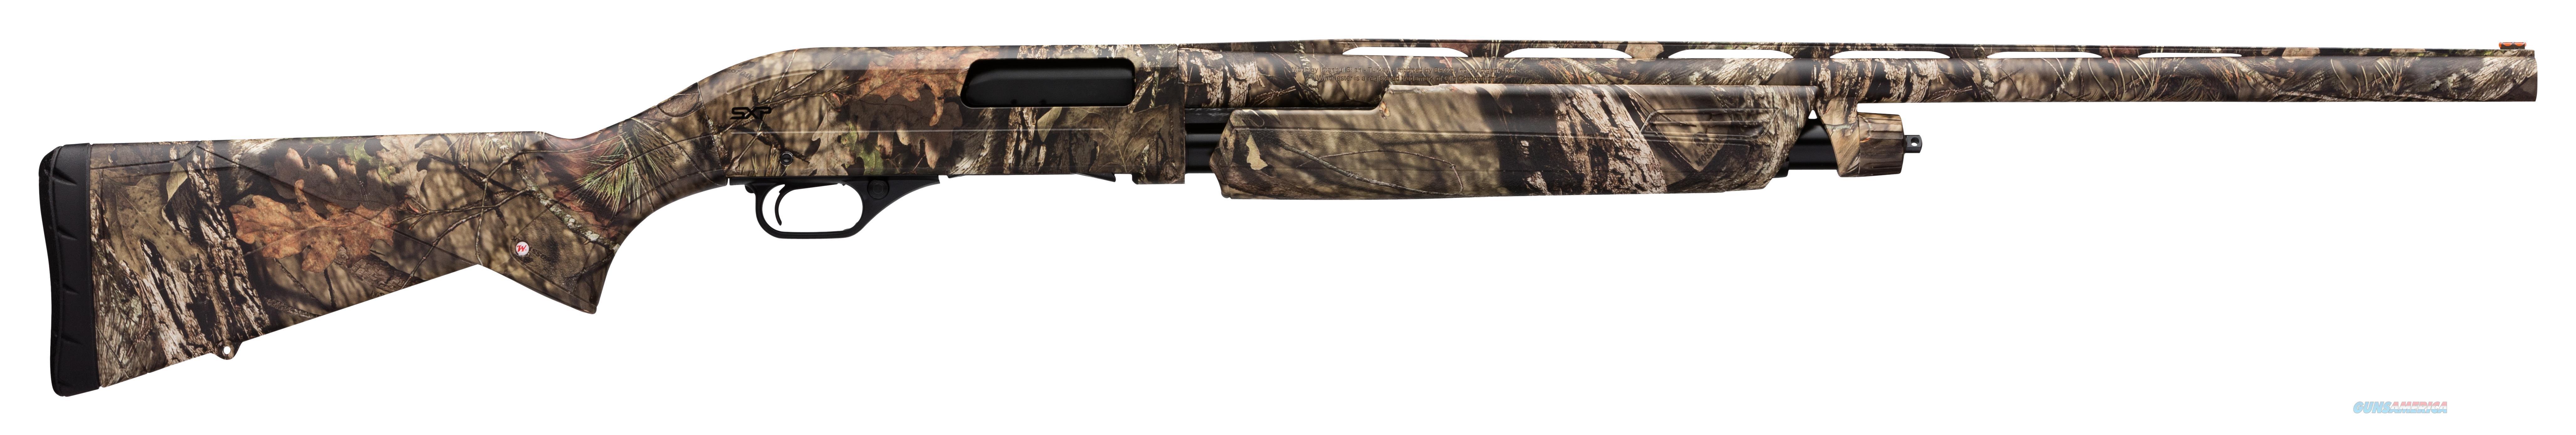 """Winchester Guns 512321691 Sxp Pump 20 Gauge 26"""" 3"""" Mossy Oak Break-Up Country Synthetic Stk Mobuc Rcvr 512321691  Guns > Shotguns > W Misc Shotguns"""